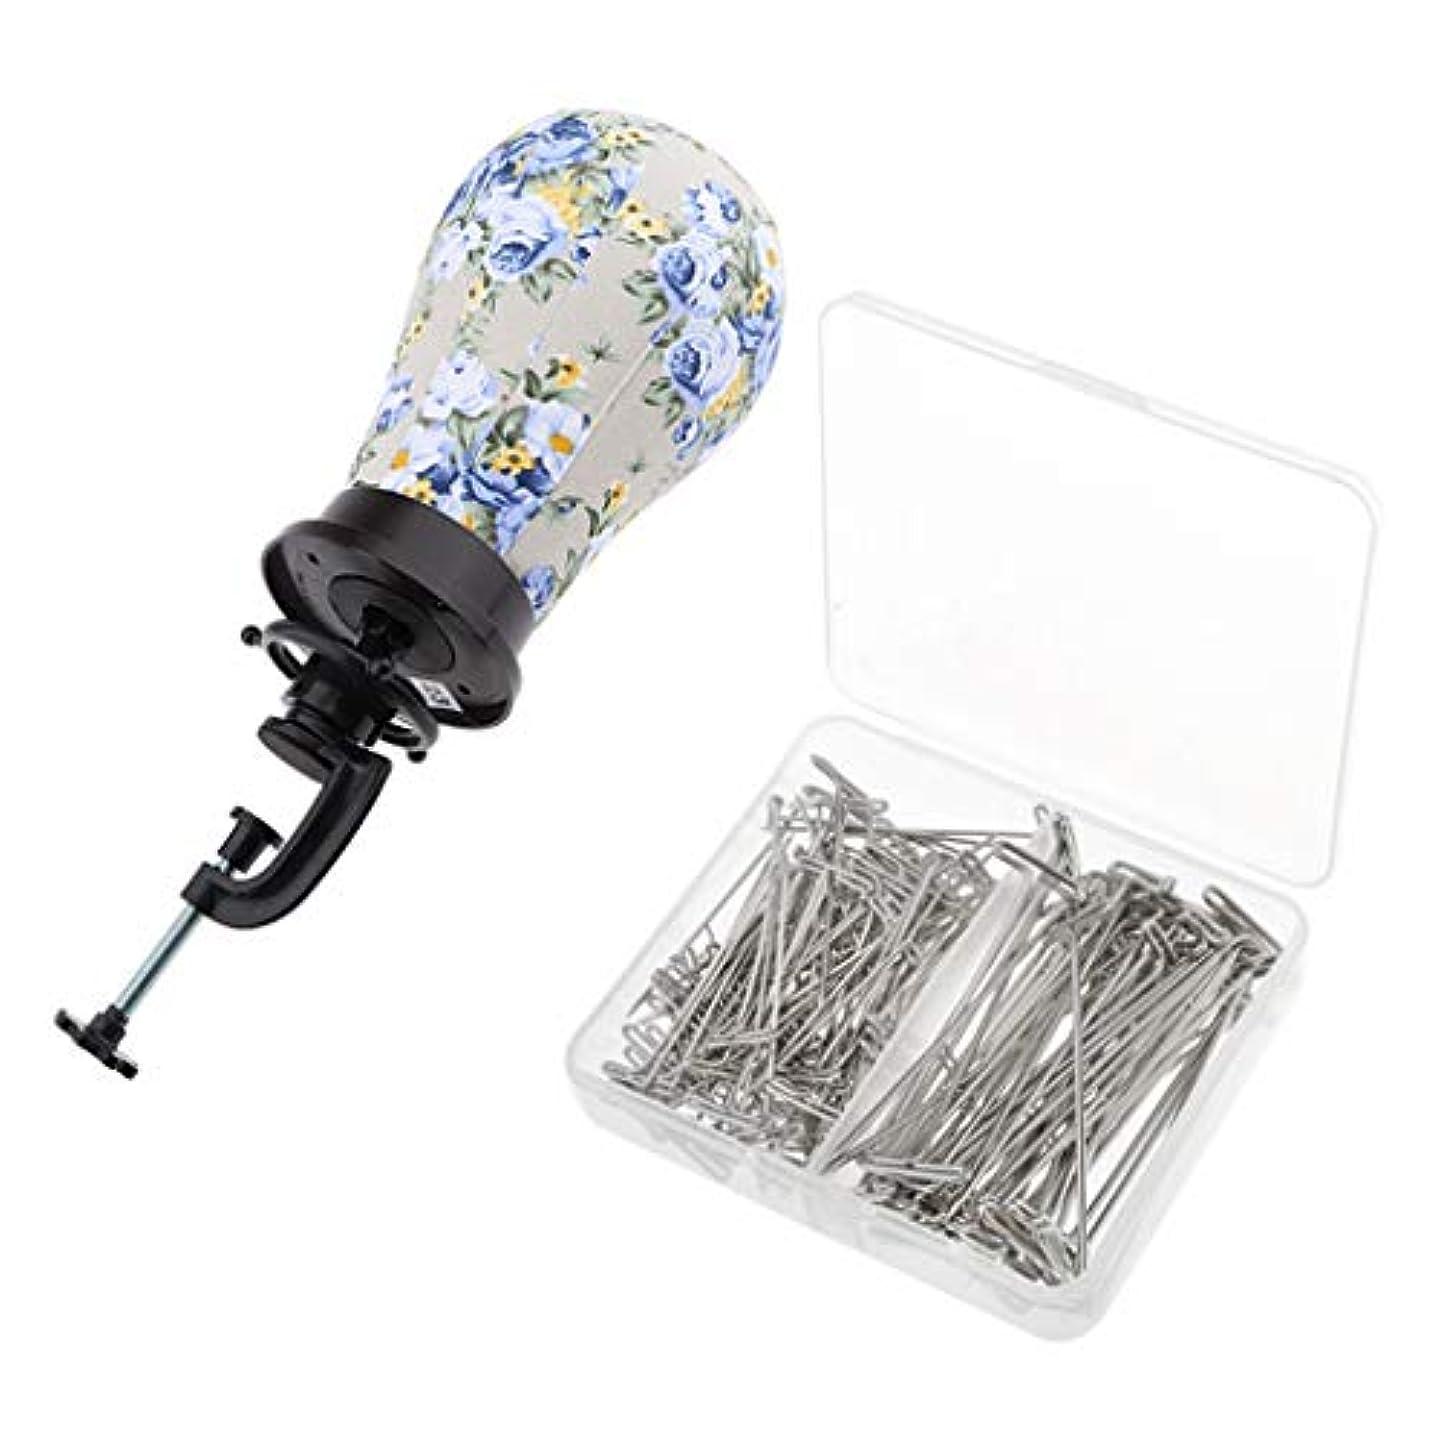 測定可能変装パークマネキンヘッド ディスプレイ ホルダークランプ Tピン 帽子 サングラス 眼鏡 ヘッドフォン